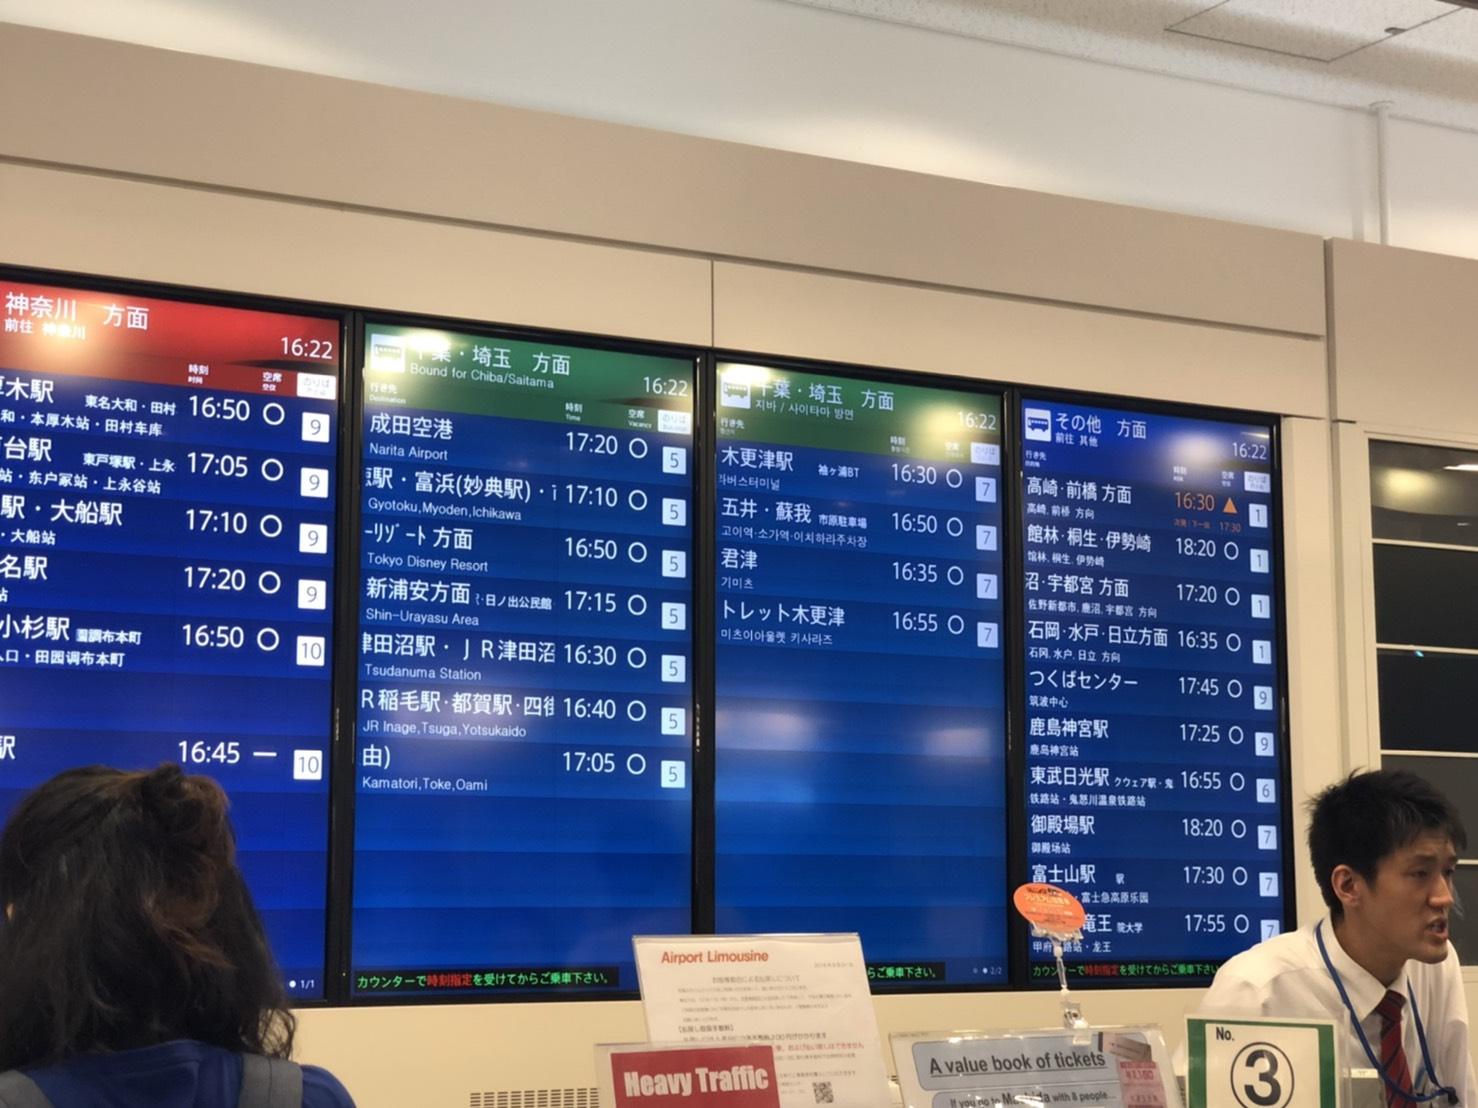 三井MITSUI OUTLET PARK木更津攻略 | 交通、優惠、店鋪、購物指南